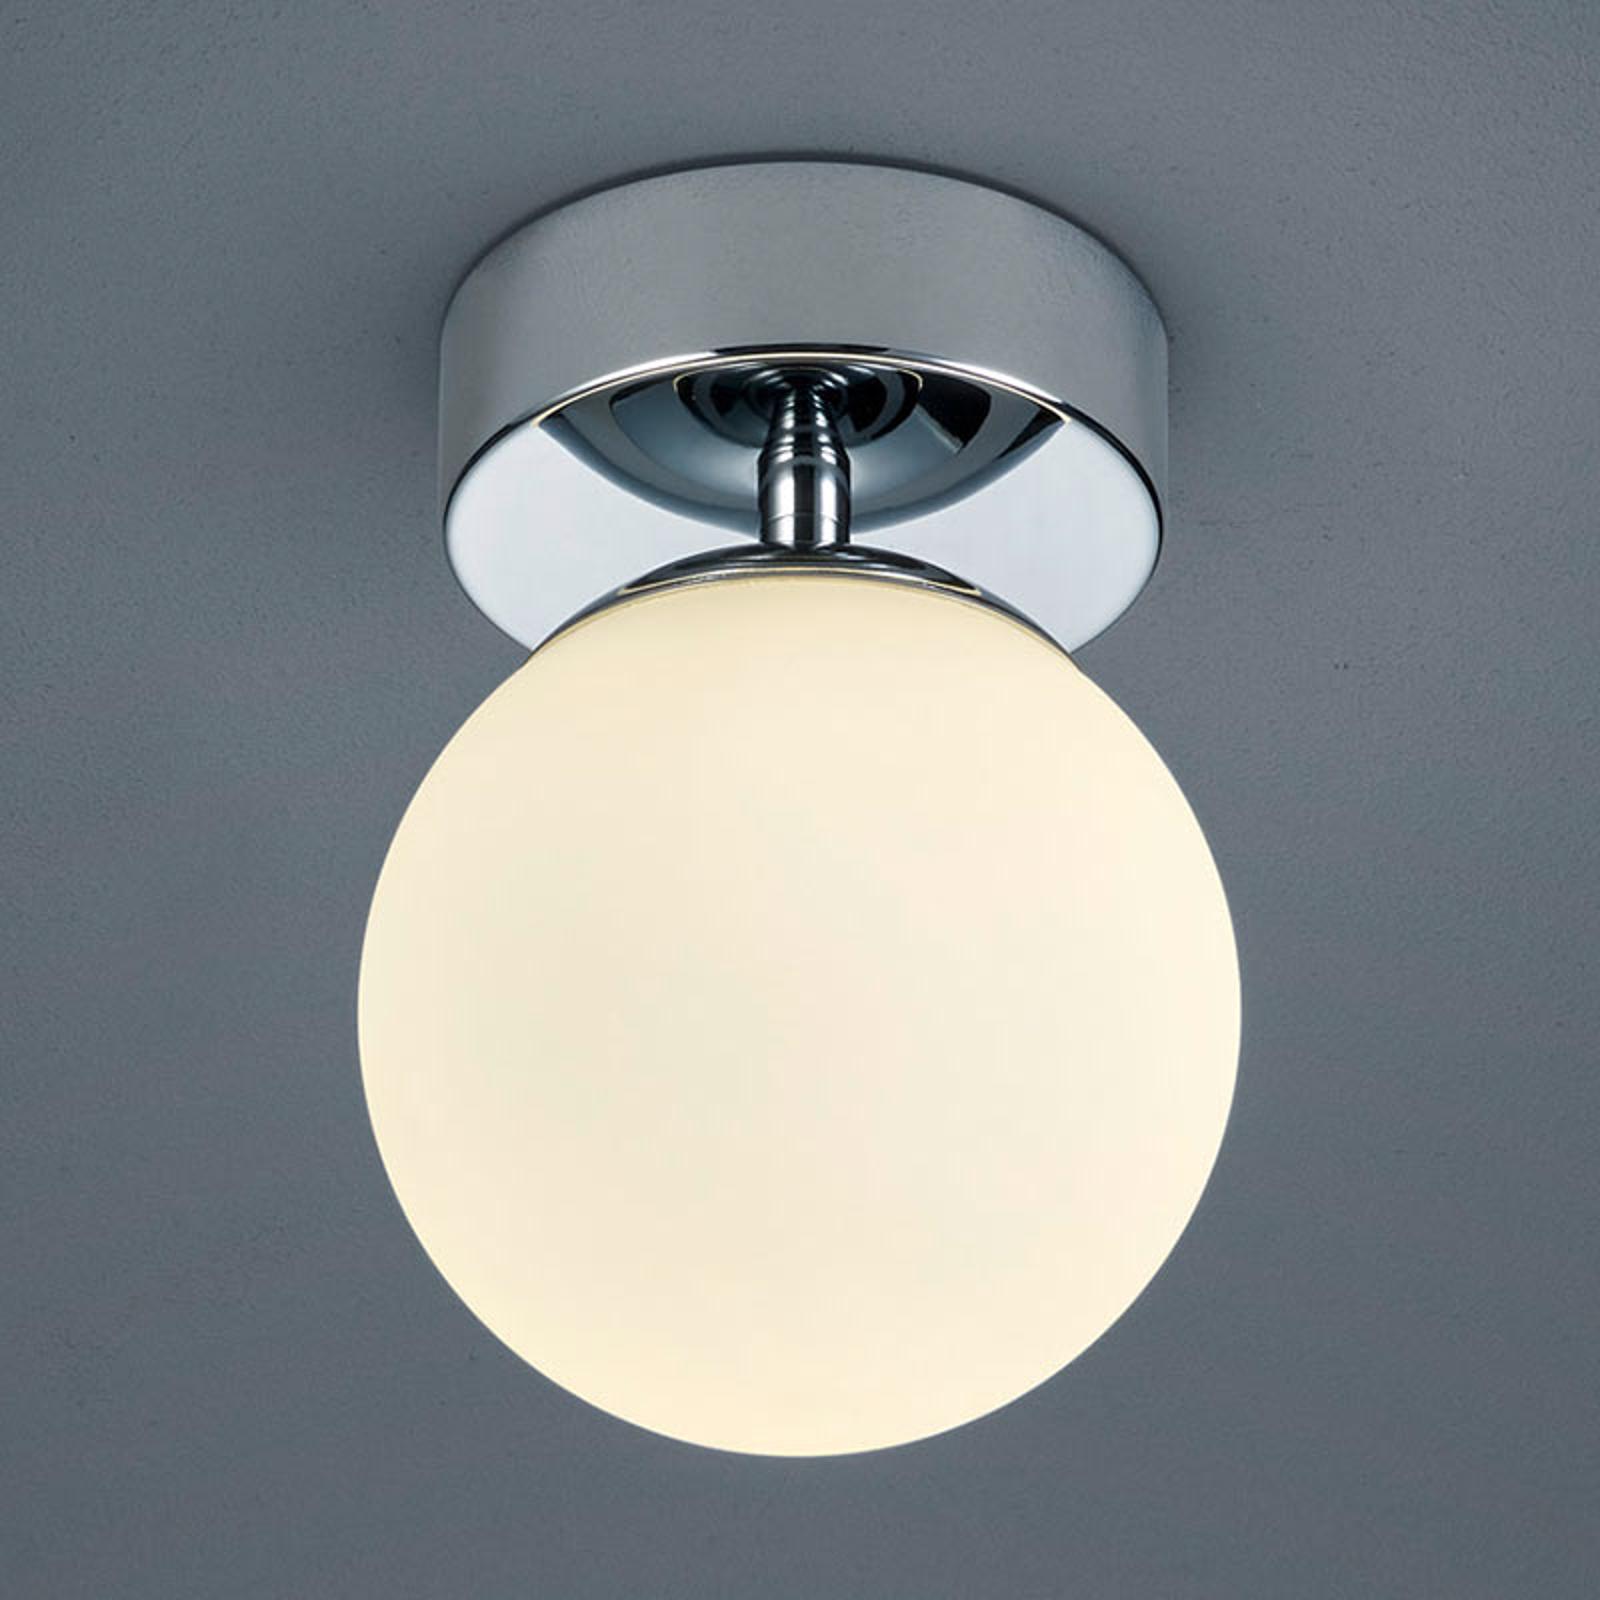 Okrągła szklana lampa sufitowa Keto, światło LED